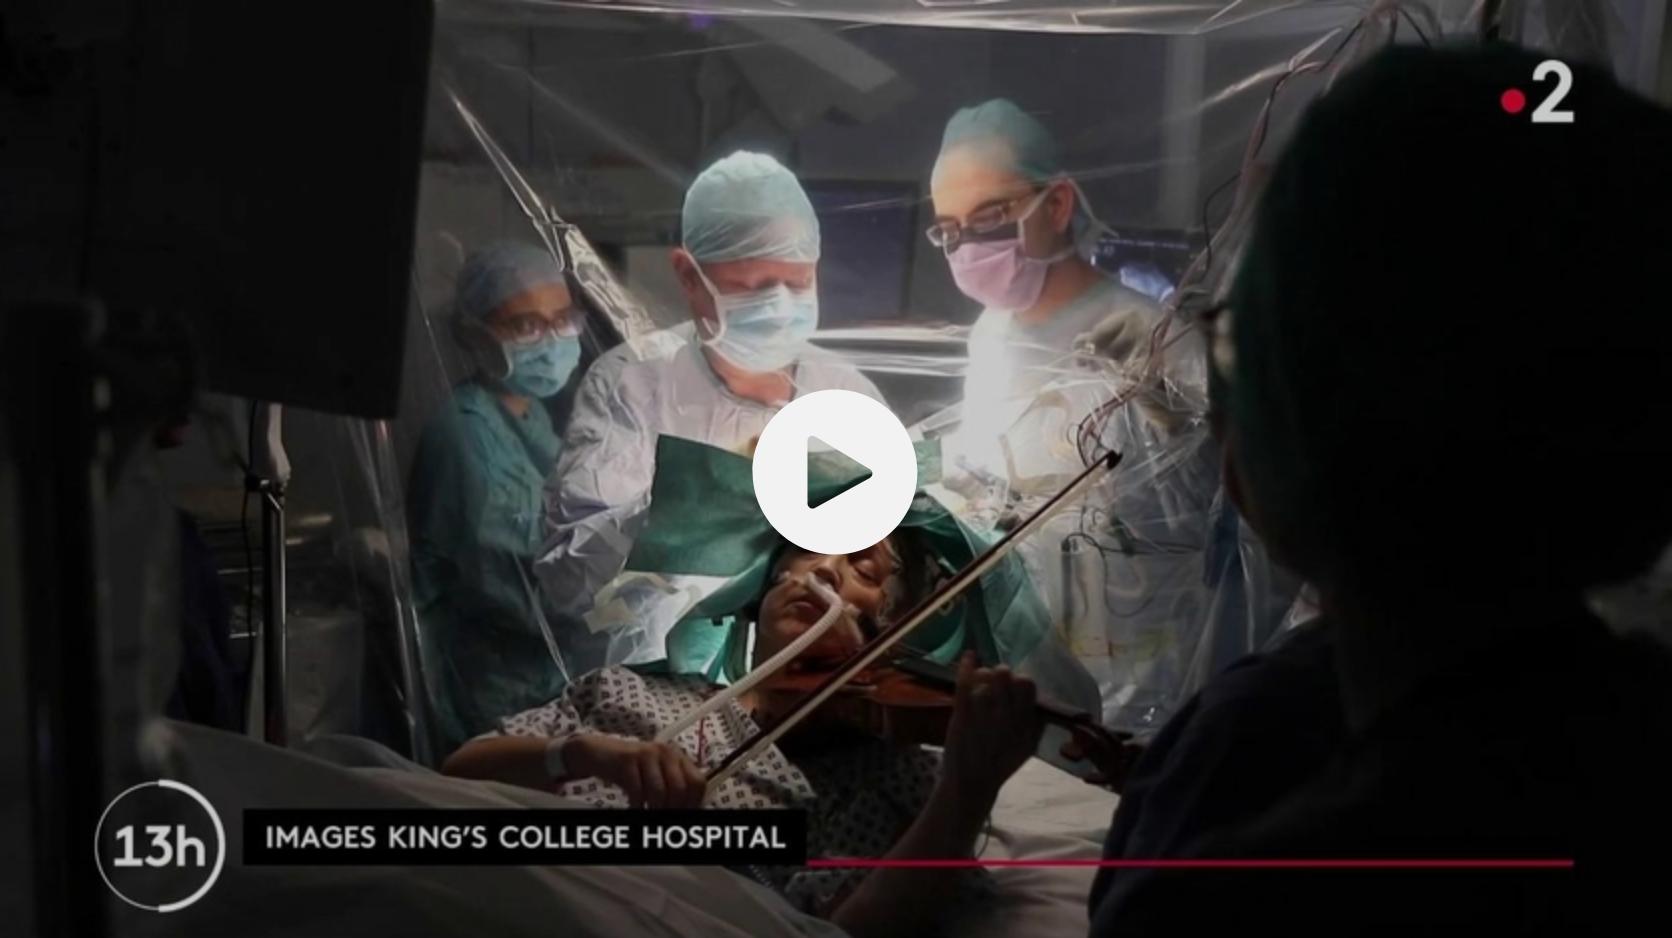 Royaume-Uni : atteinte d'une tumeur au cerveau, une musicienne joue du violon en pleine opération (VIDÉO)